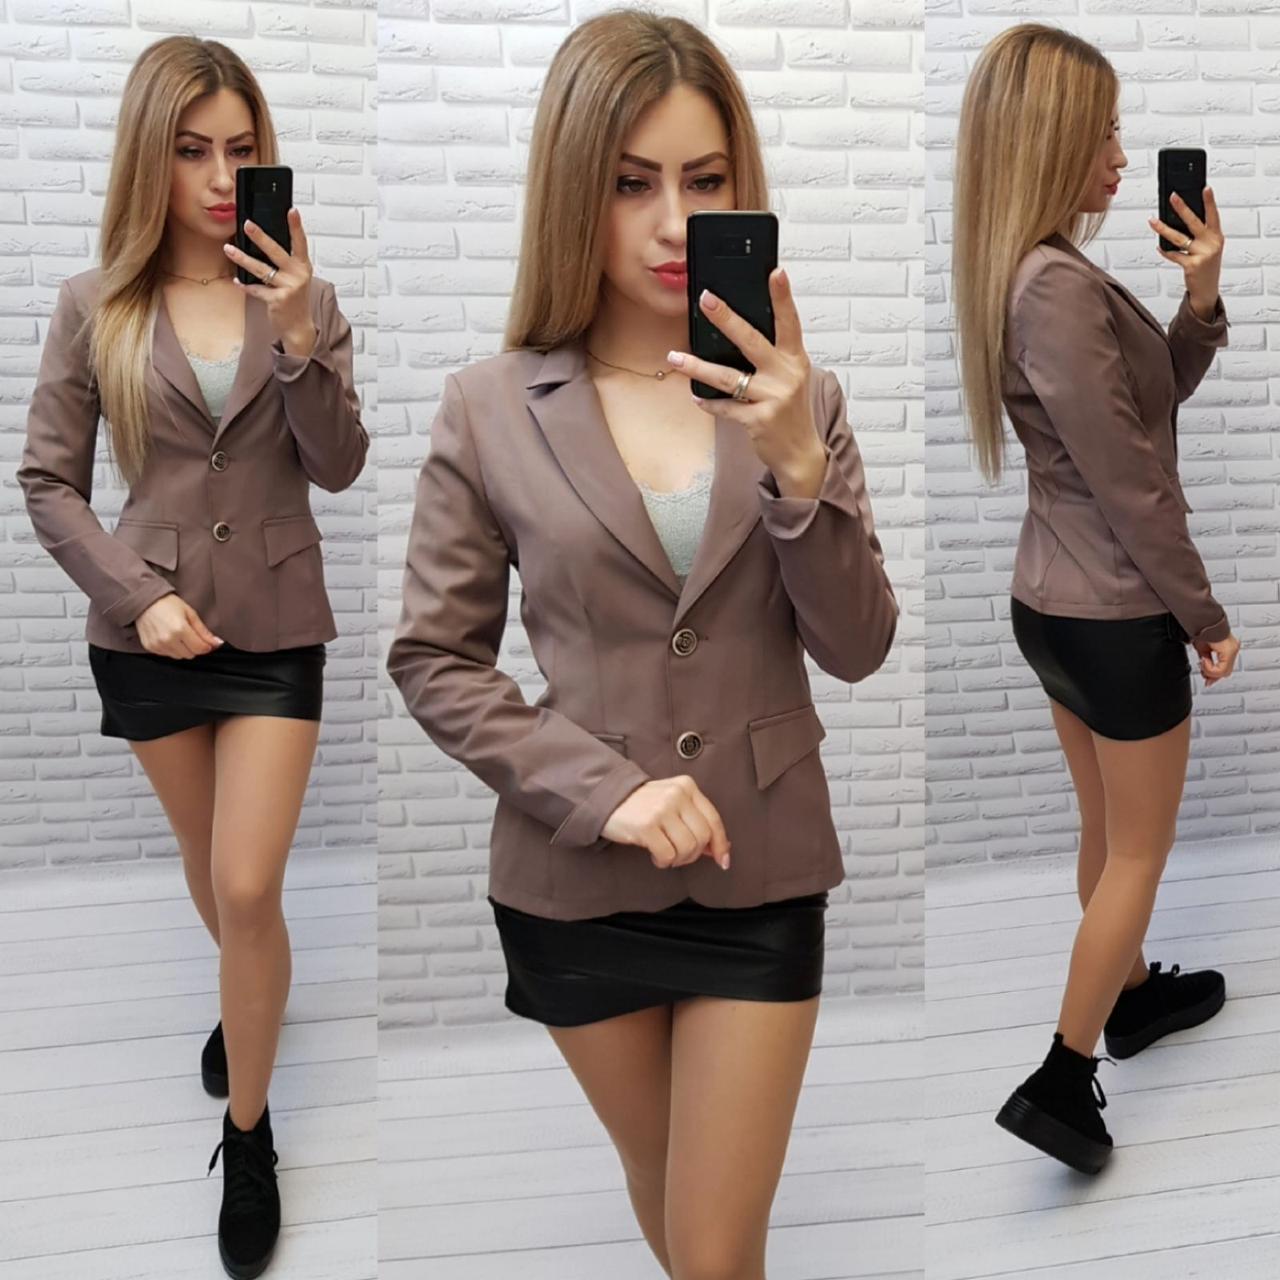 Пиджак / жакет с подкладкой рукав длинный S1088 серо - коричневый / мокко / кофе гляссе